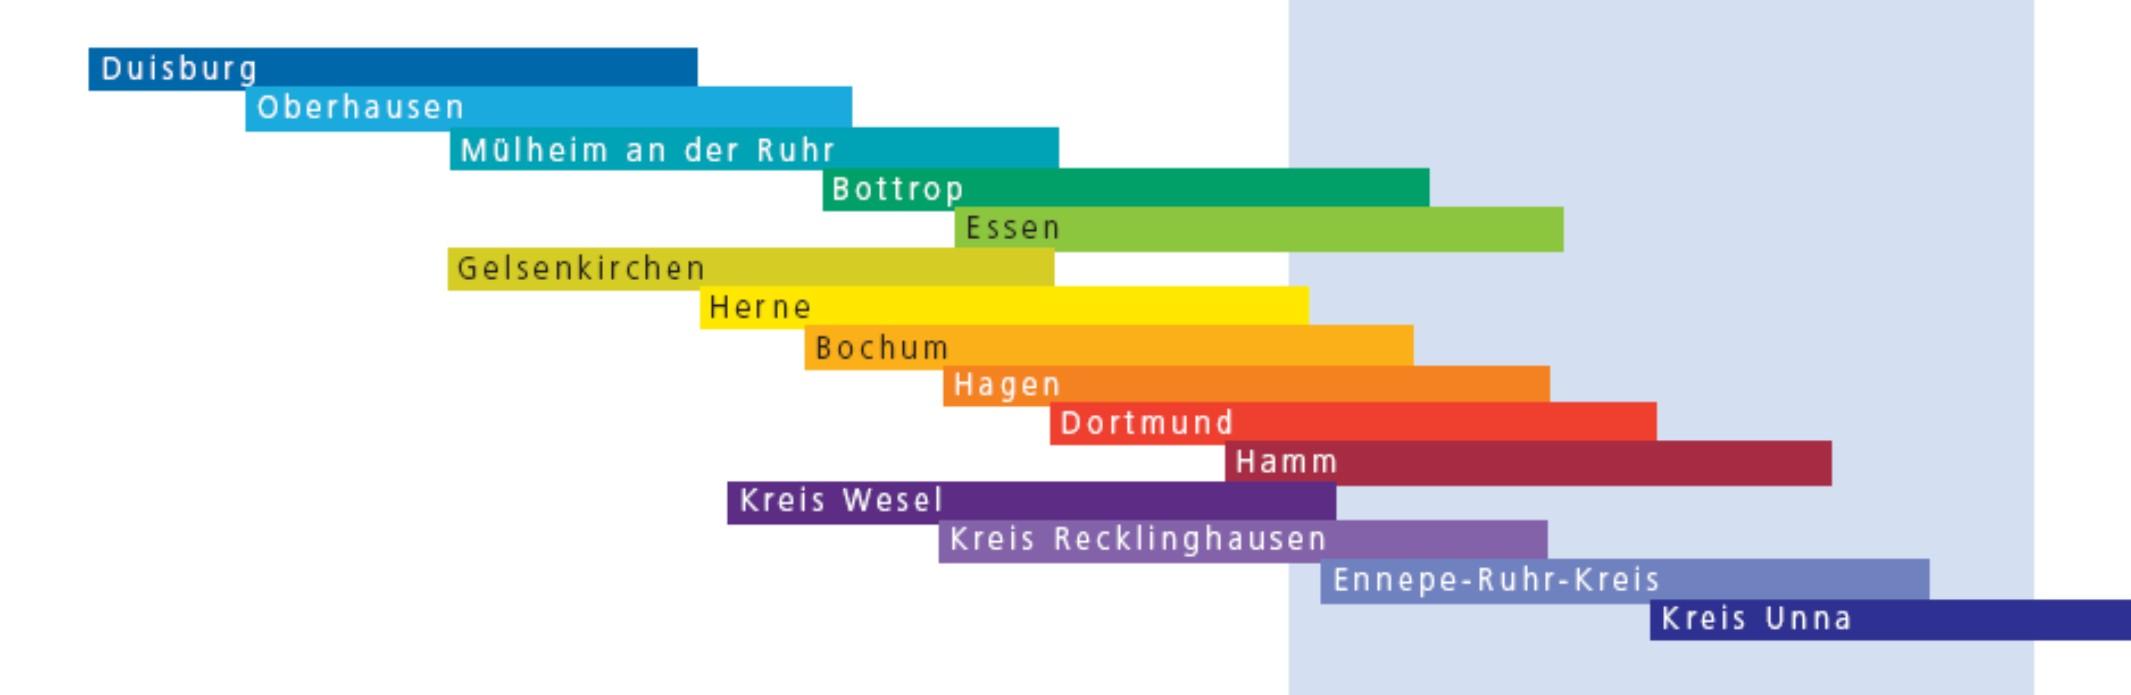 farblich unterlegte Namen der beteiligten Städte